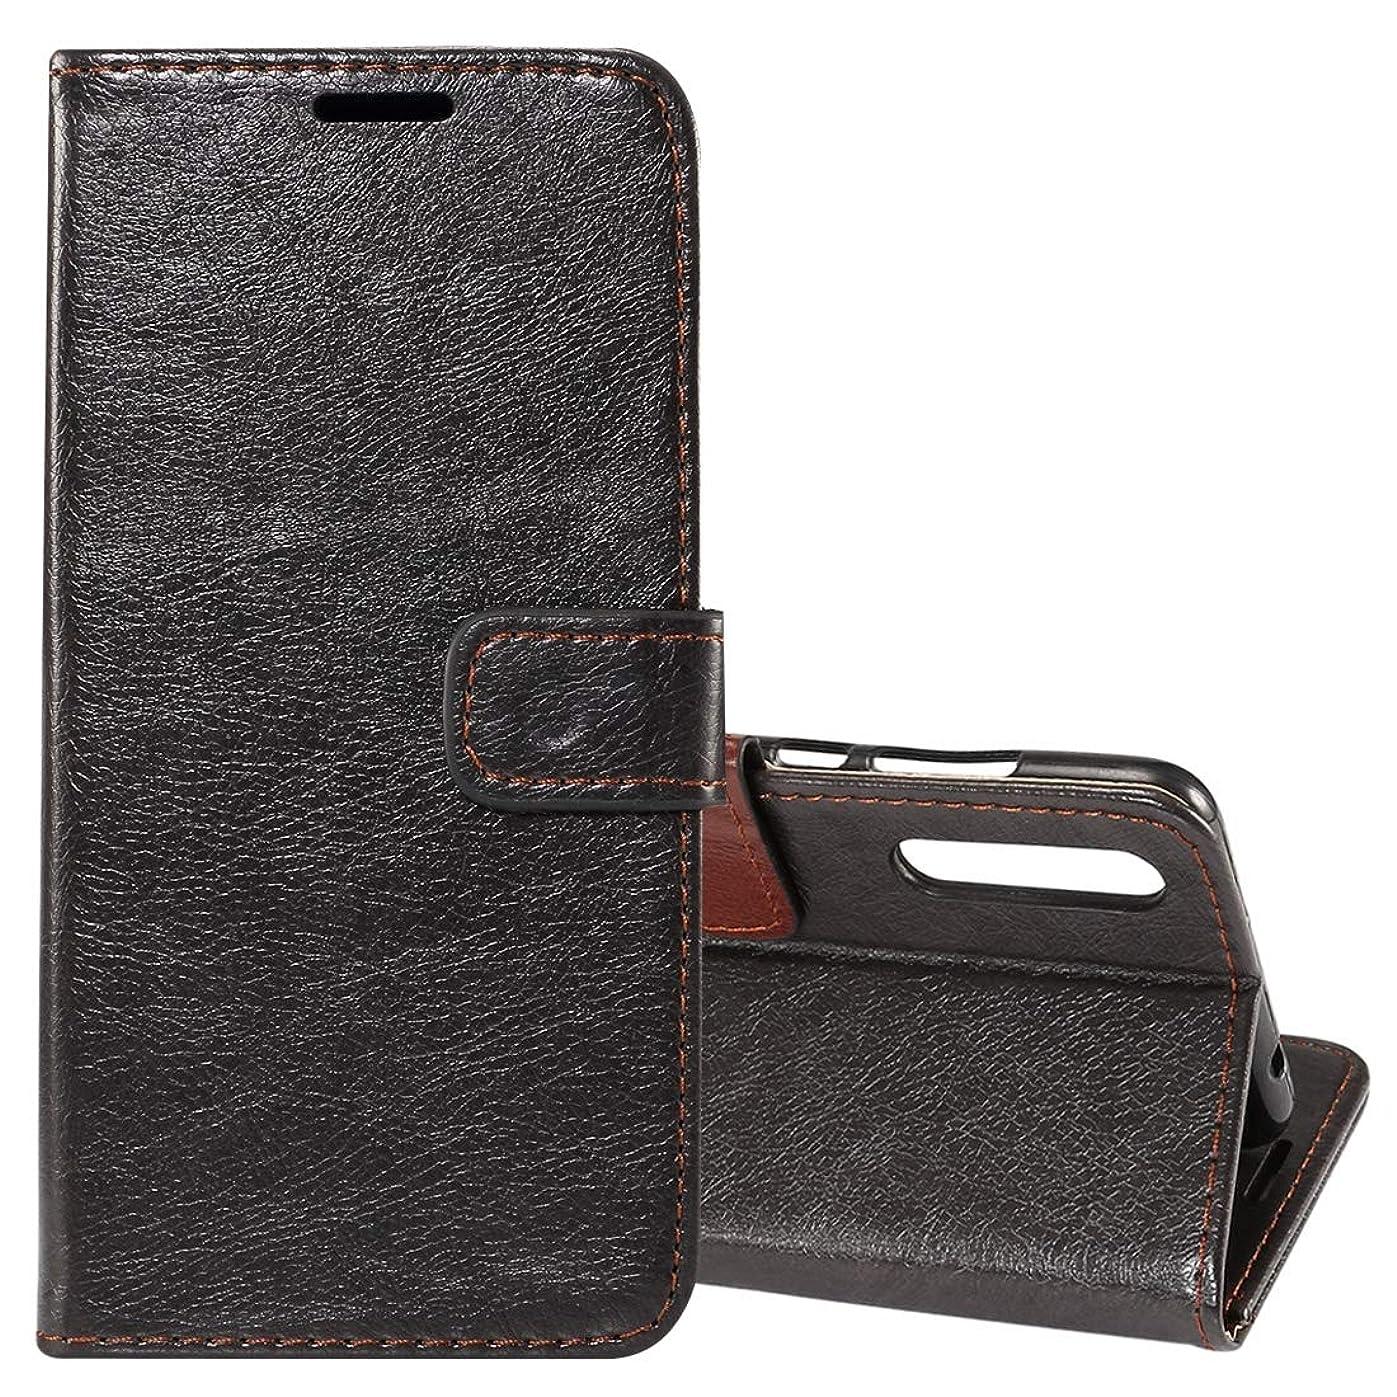 脚本家子供時代ラブWTYD 電話アクセサリー Huawei P20 ProクレイジーホースTexcture PU TPUホルダー&カードスロット&ウォレット&フォトフレーム付き水平フリップレザーケース 電話使用 (Color : Black)